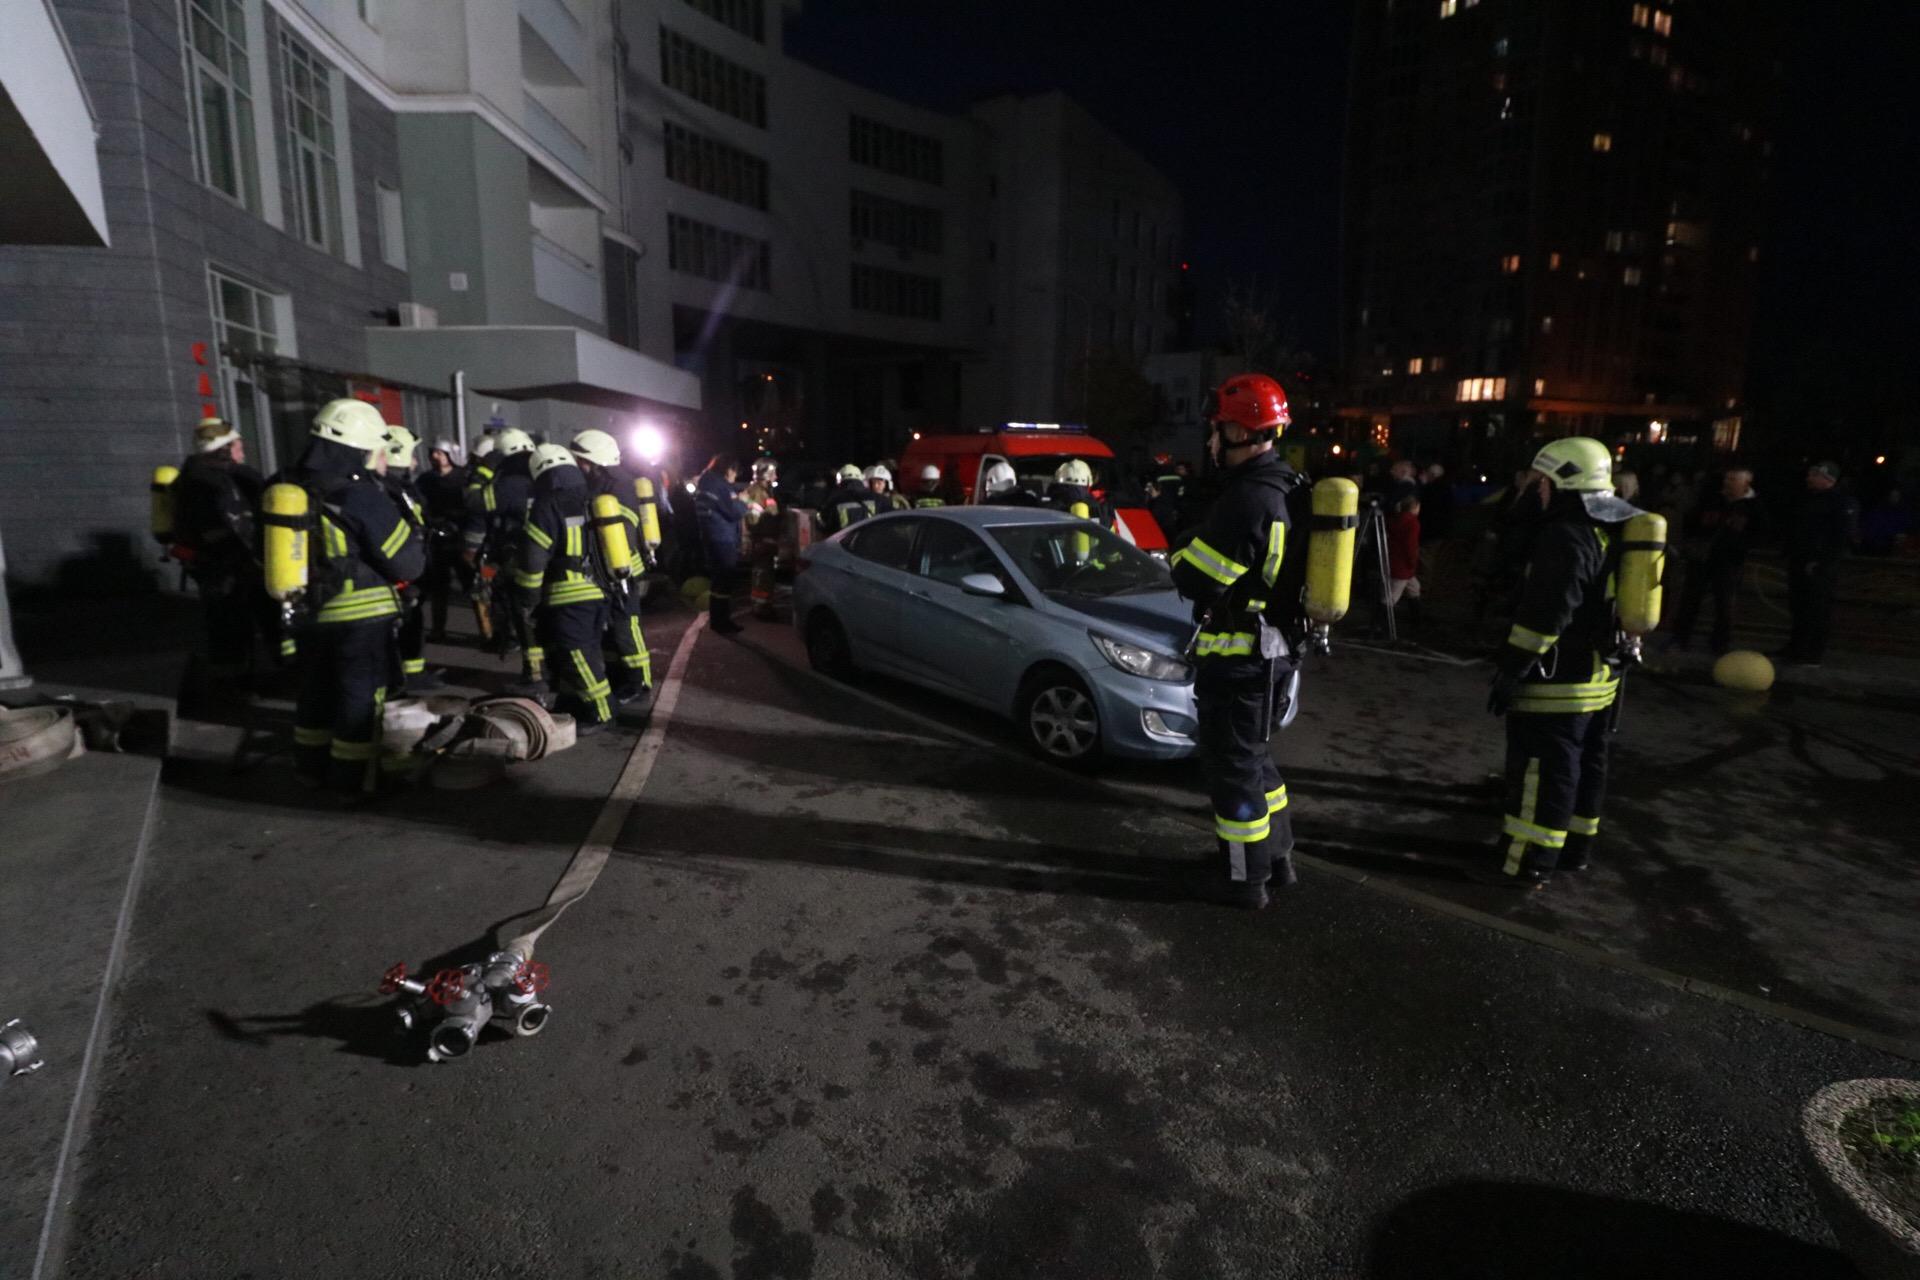 На месте происшествия работали 20 единиц пожарной техники и 75 человек личного состава